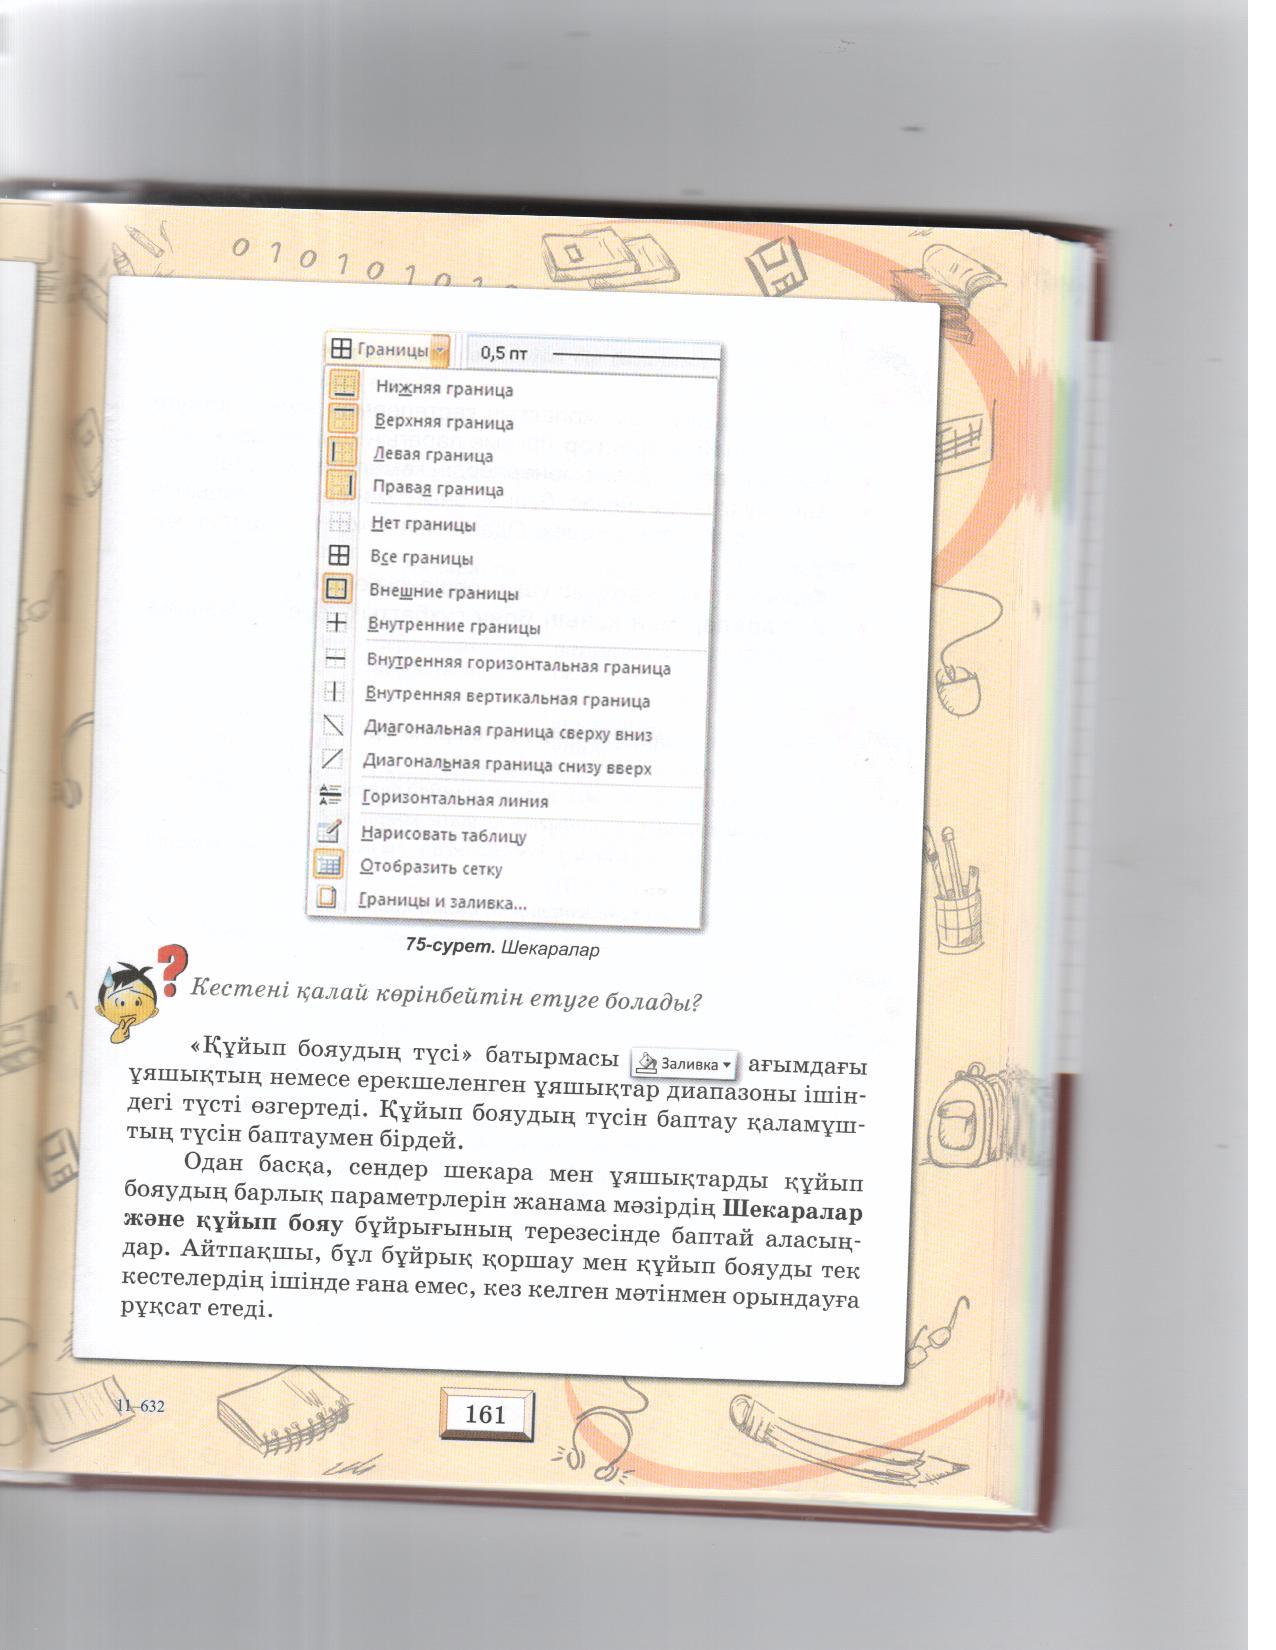 C:\Users\Admin\Desktop\Изображение 061.jpg